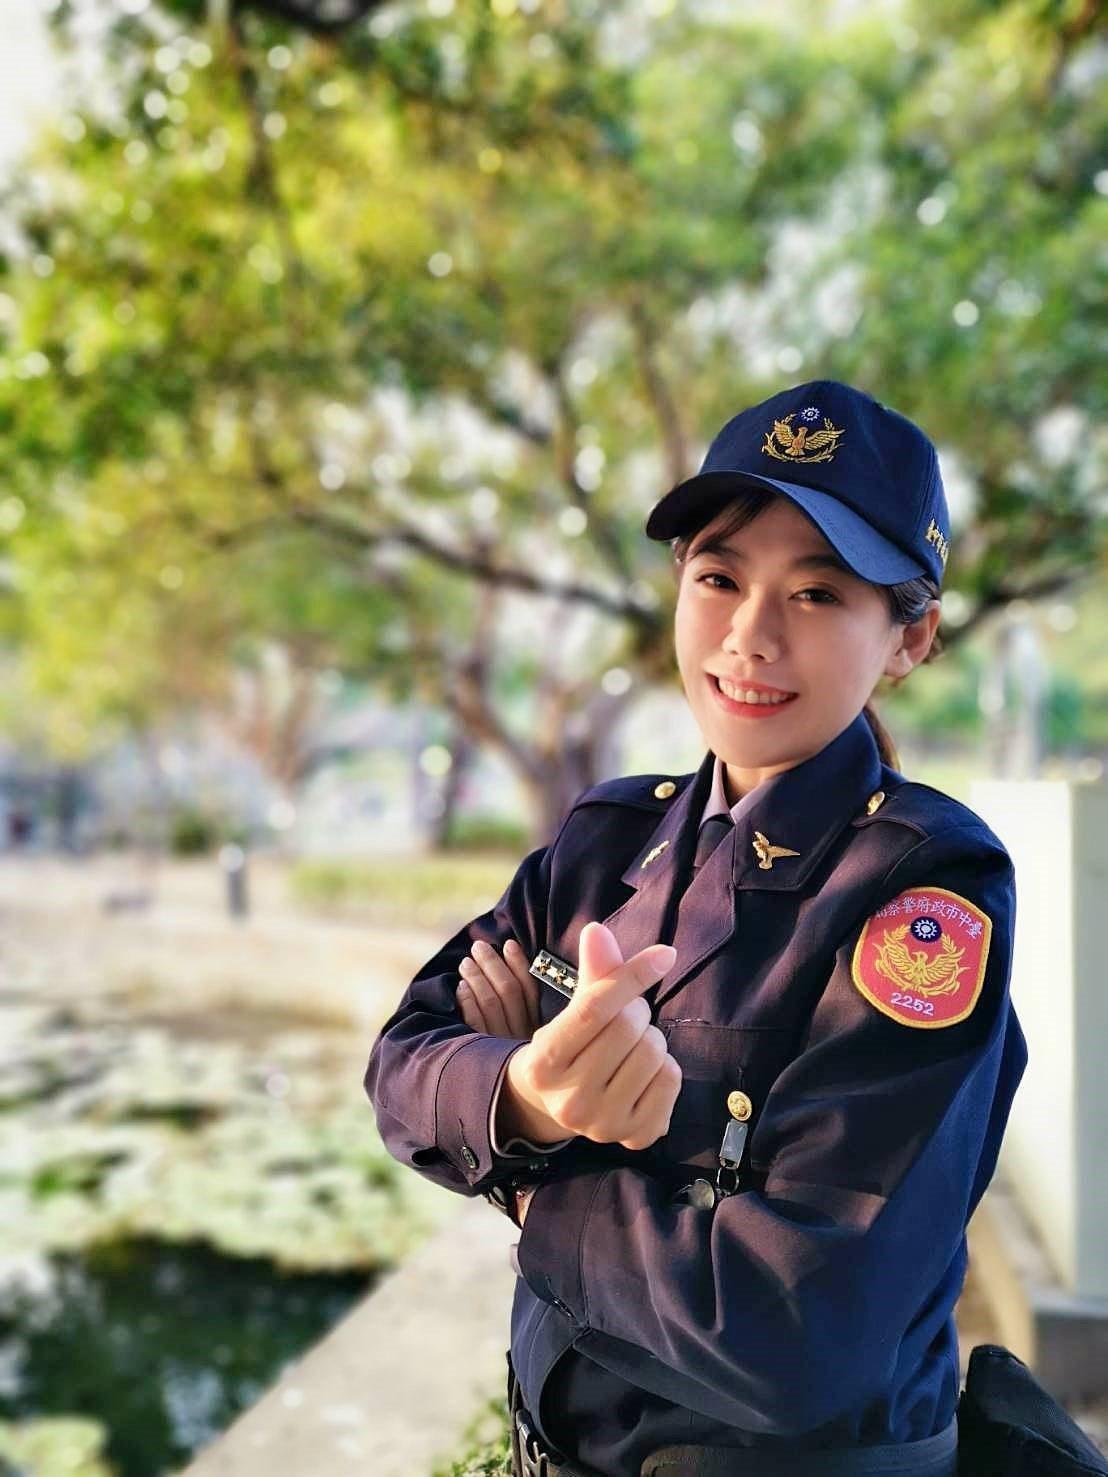 公園所女警余珮毓對於警職工作相當熱誠。記者林佩均/翻攝